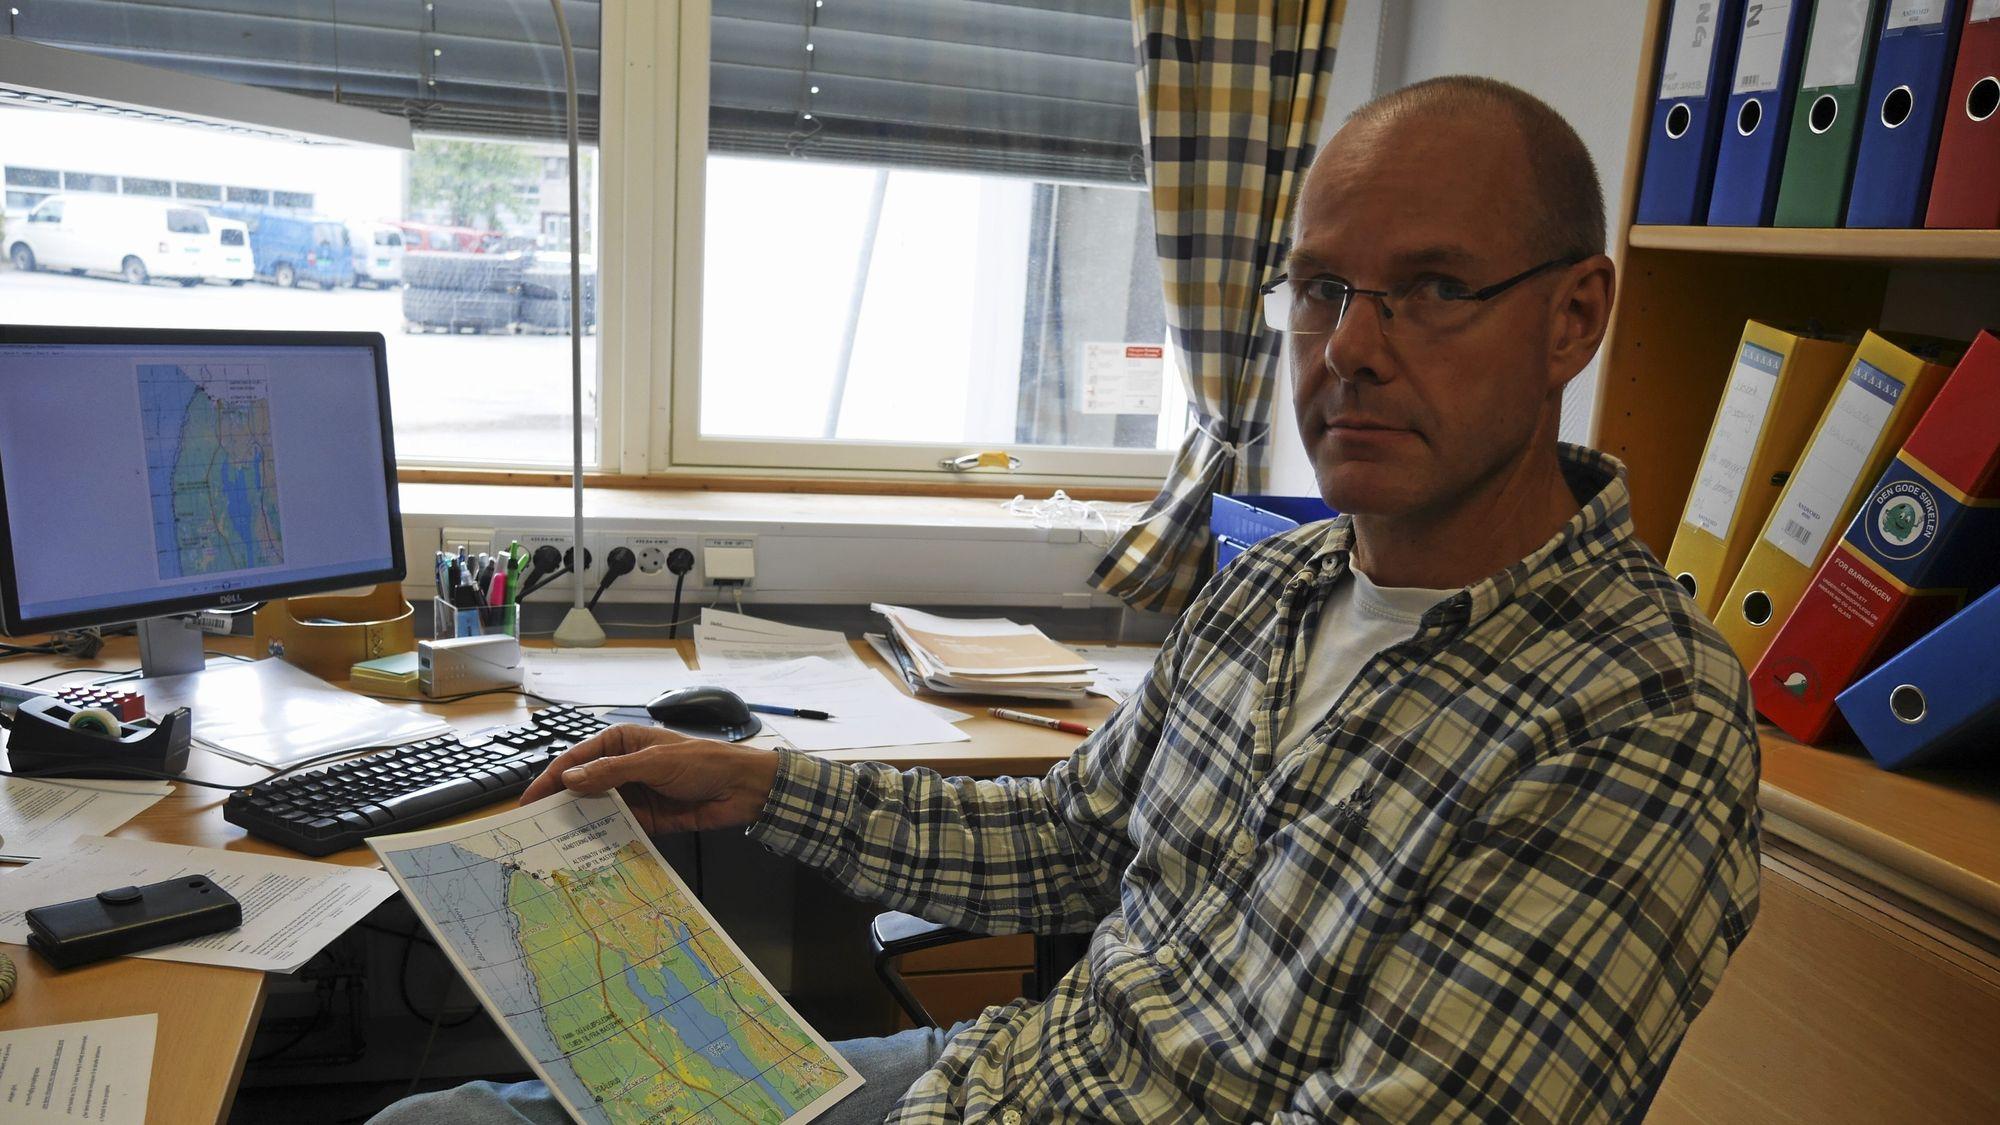 GJENNOMARBEIDET: – Ingen andre saker jeg har jobbet med de siste ti årene har vært så godt utredet som Bålerud-saken, sier Stig Bell.